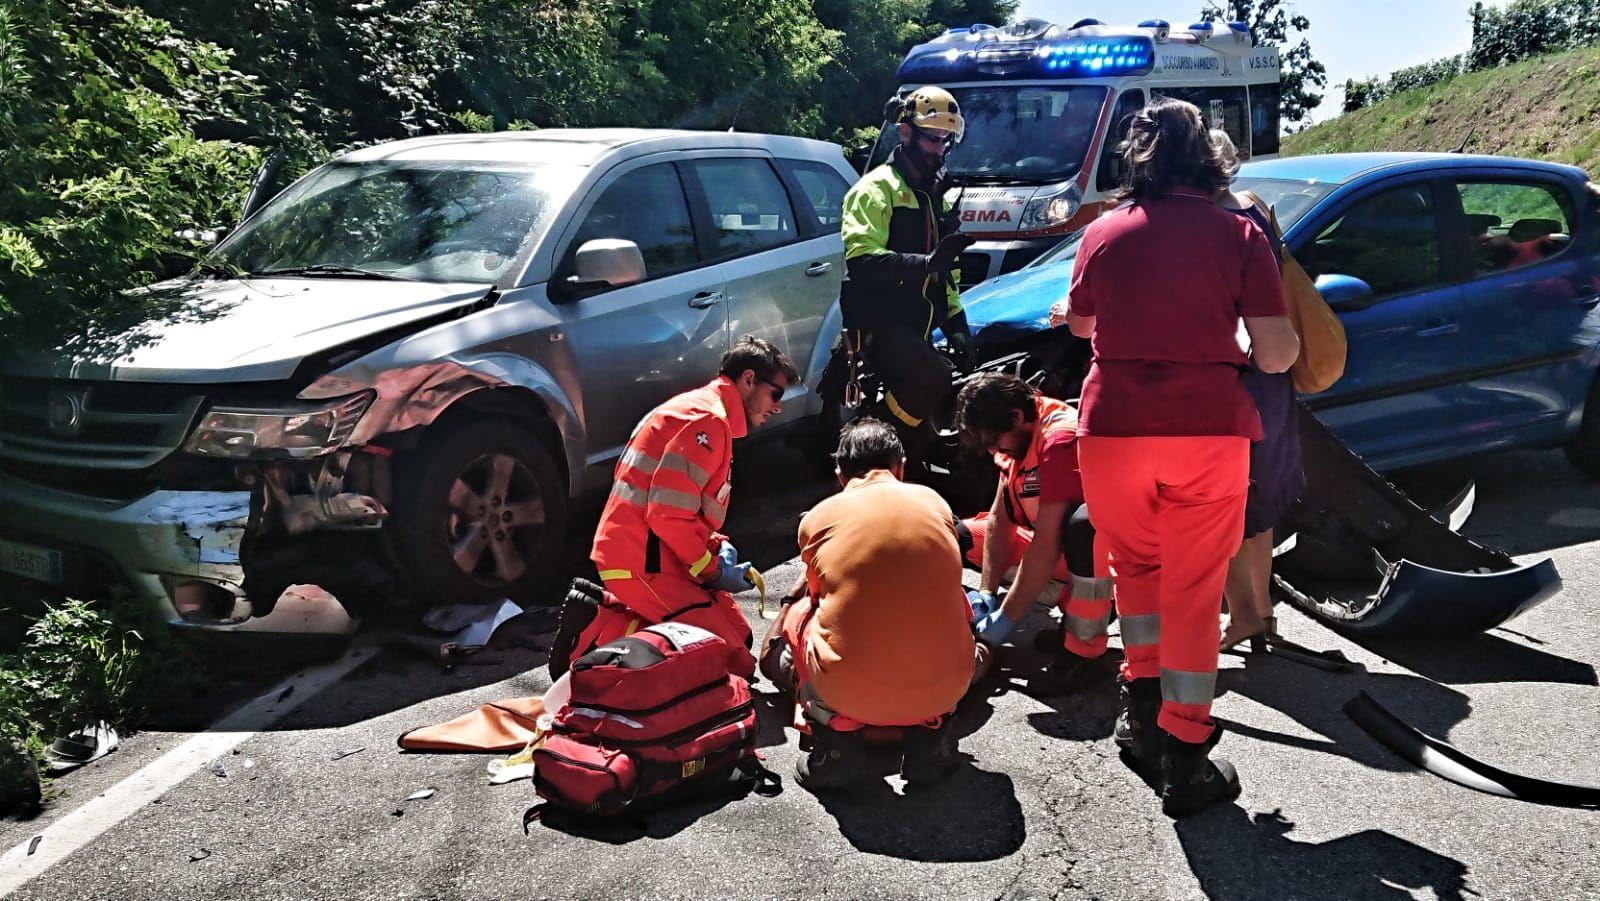 CALUSO - Incidente stradale sulla provinciale: cinque feriti